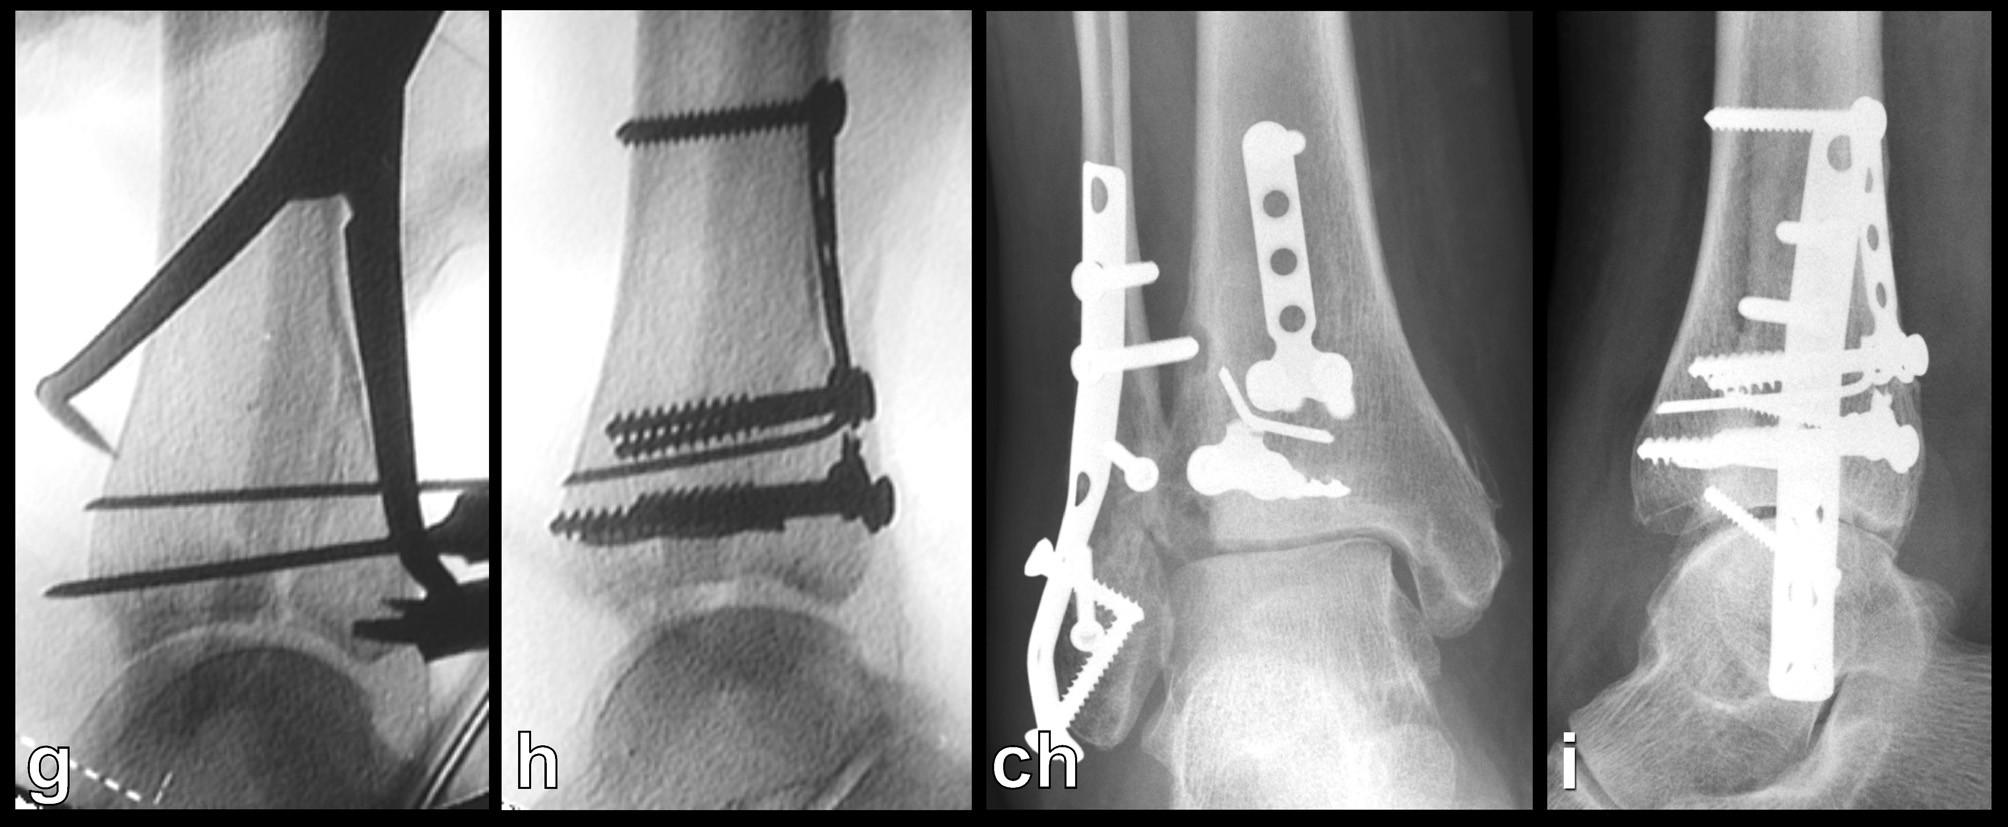 Osteosyntéza odlomené zadní hrany tibie – Typ 2 (posteromediální) a, b, – rtg snímky ukazující zlomeninu fibuly Weber B, odlomení zadní hrany nesoucí téměř polovinu kloubní plochy distální tibie a subluxaci talu dorzálně, c – transverzální CT řez, d – sagitální CT řez, e – 3D CT rekonstrukce, dorzální pohled, f – 3D CT rekonstrukce, mediální pohled, z rekonstrukcí je patrné, že je odlomena zadní hrana až k sulcus malleolaris a laterálně dorzální polovina incisury tibie, g, h – peroperační rtg snímky ukazují postupnou rekonstrucki distální tibie, ch, i – rtg snímky po operaci